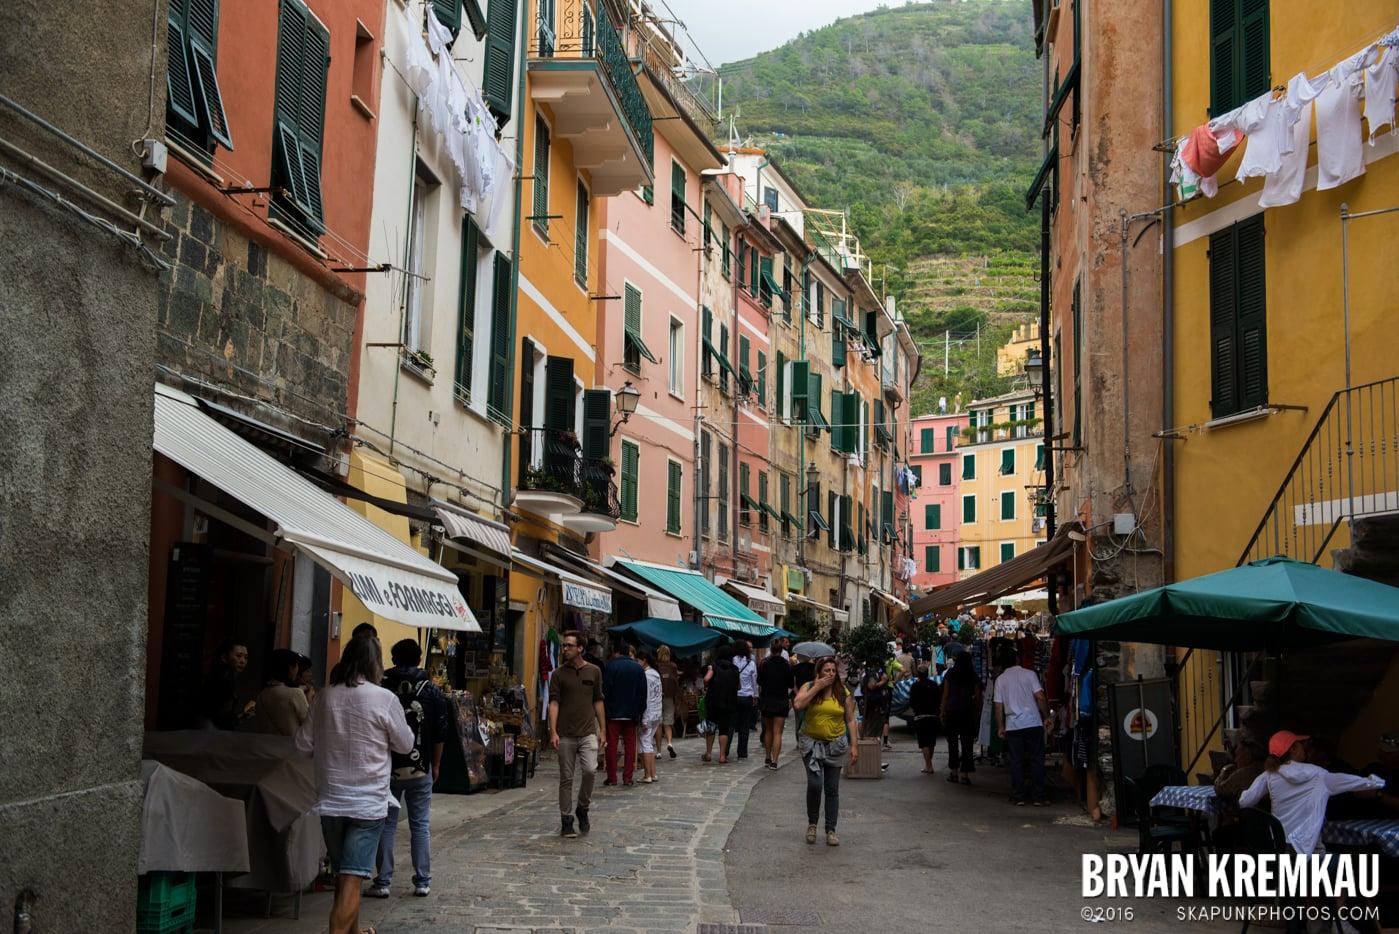 Italy Vacation - Day 10: Cinque Terre - 9.18.13 (34)